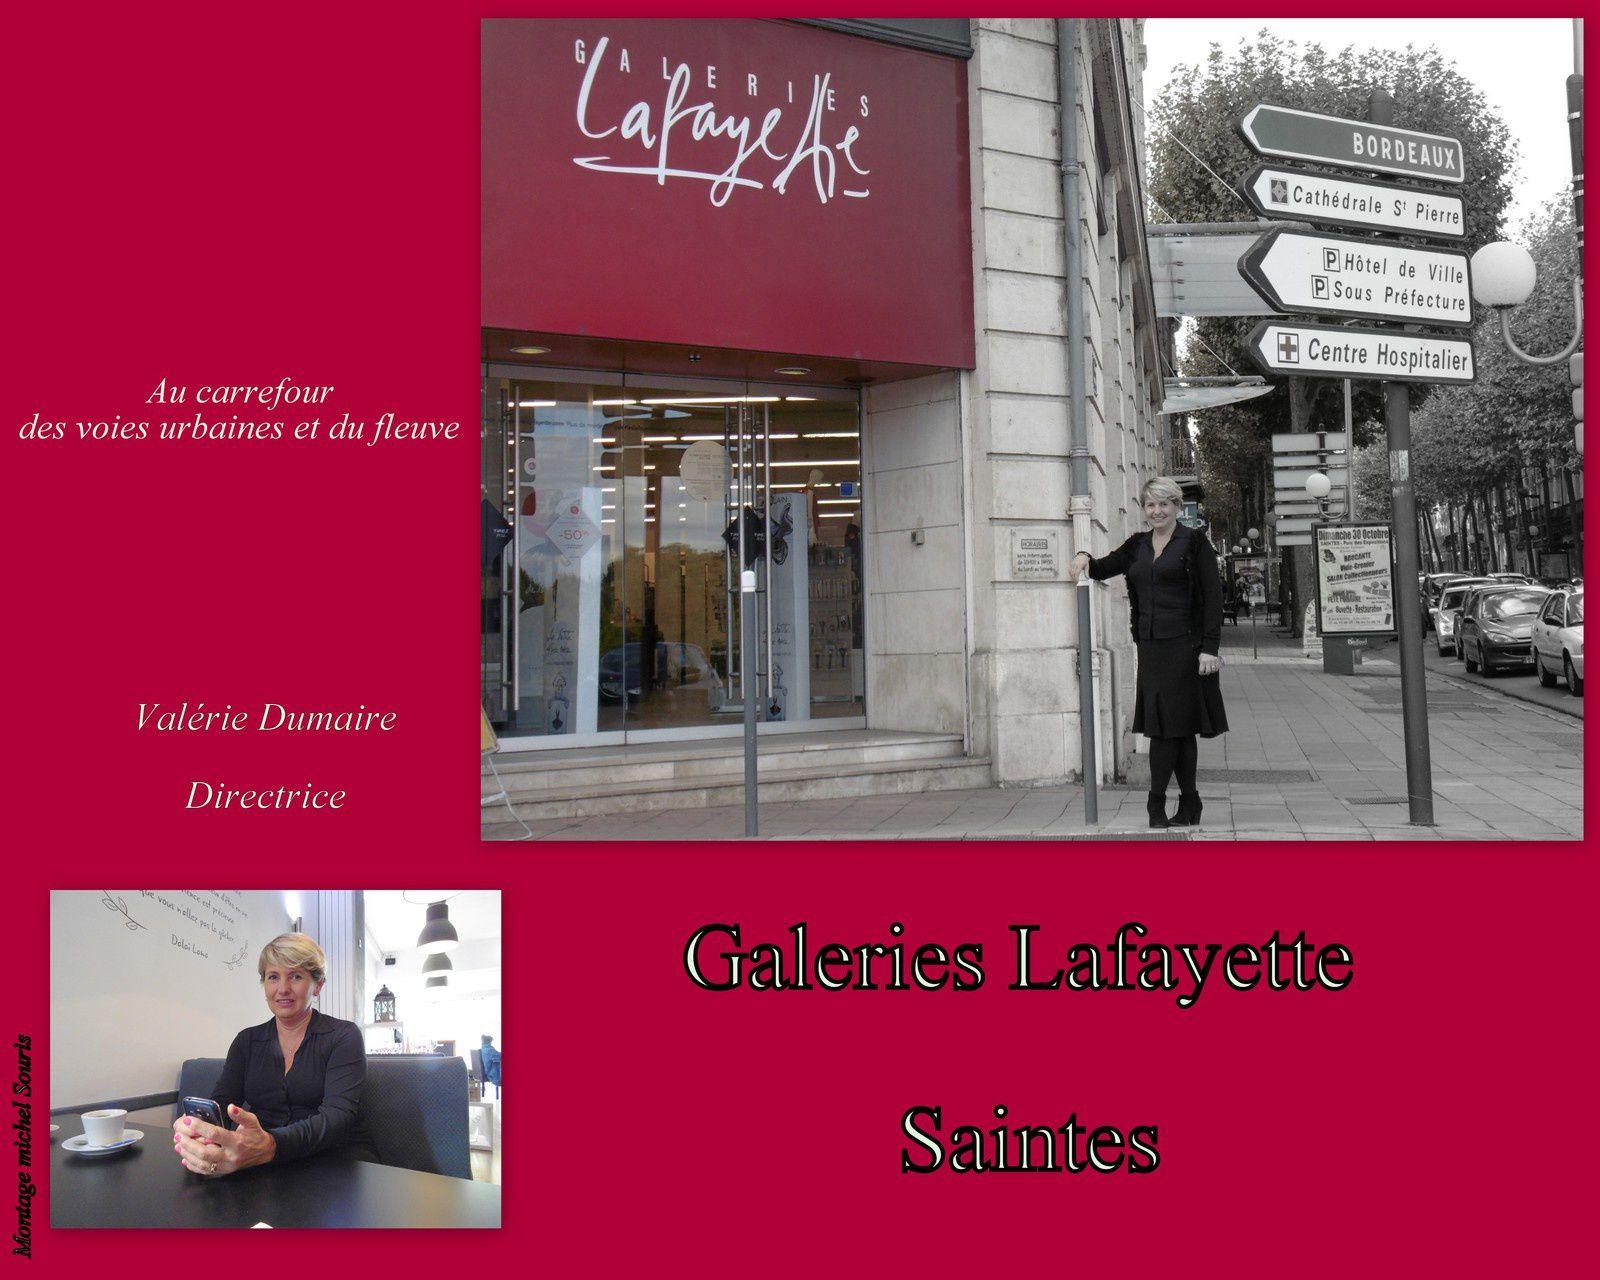 19 - Galeries Lafayette Saintes Nouvelle Direction - Gertrude la juive assassinée.. un visage retrouvé. Musicaventure Abbaye aux Dames.